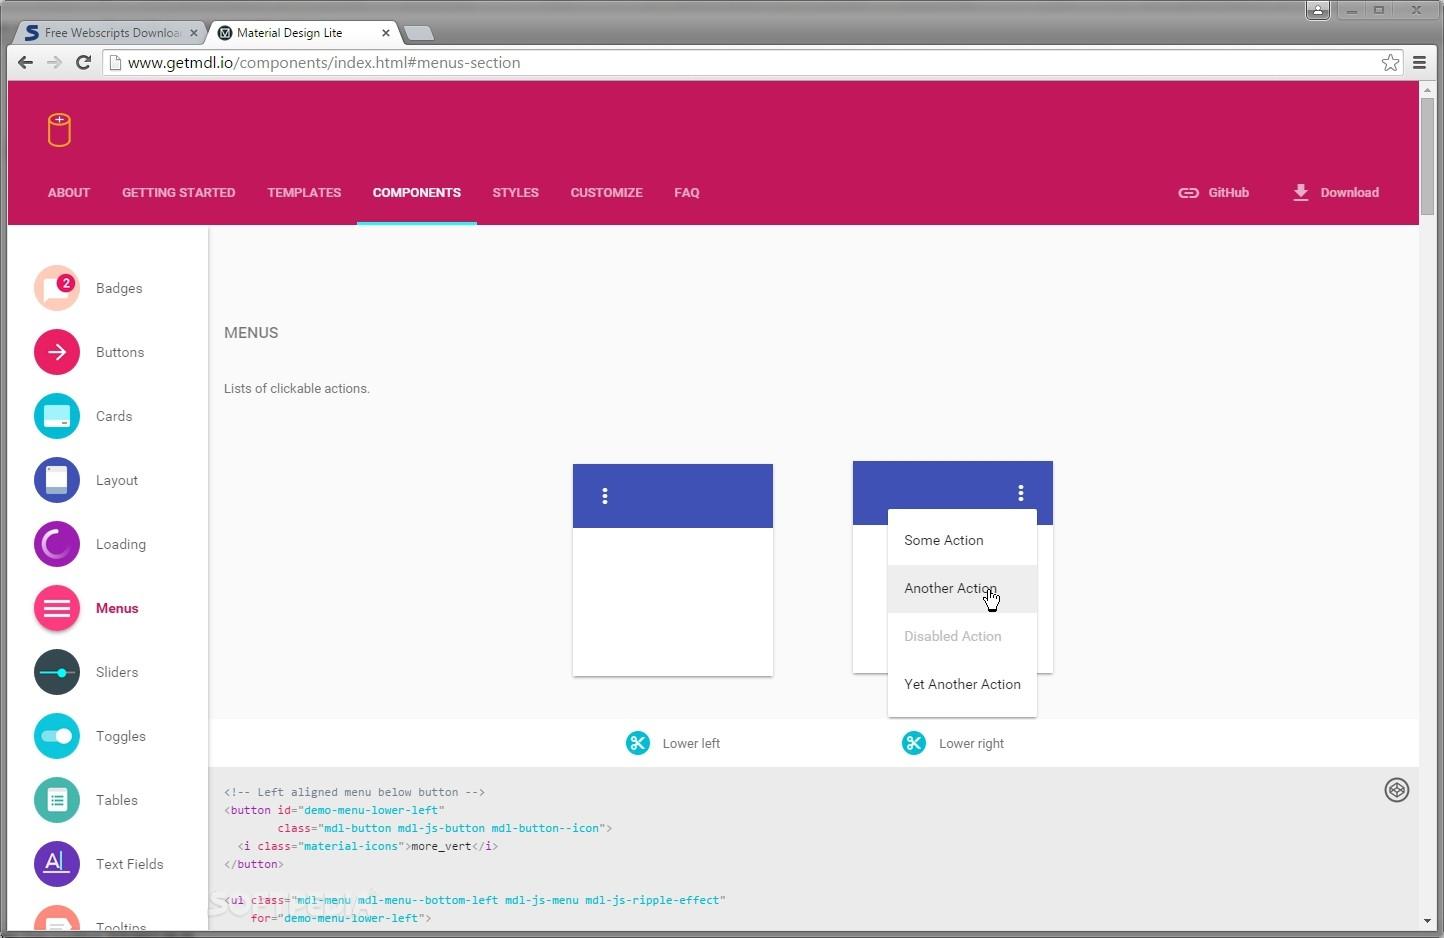 Apa Itu Framework Material Design Lite ?